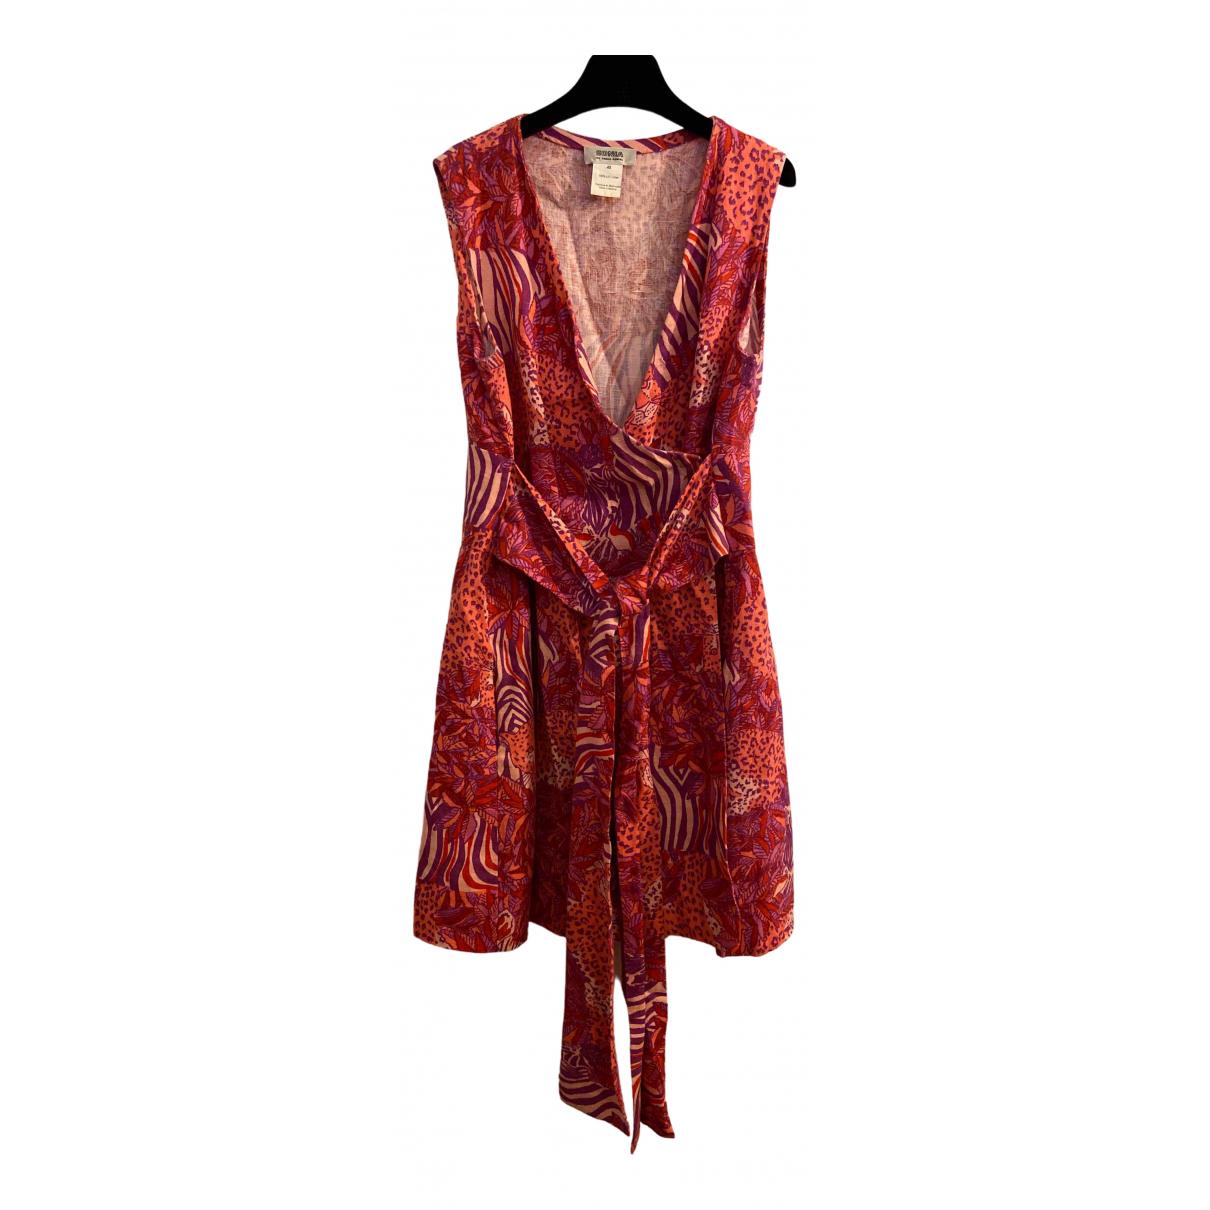 Sonia By Sonia Rykiel \N Pink Linen dress for Women 40 IT